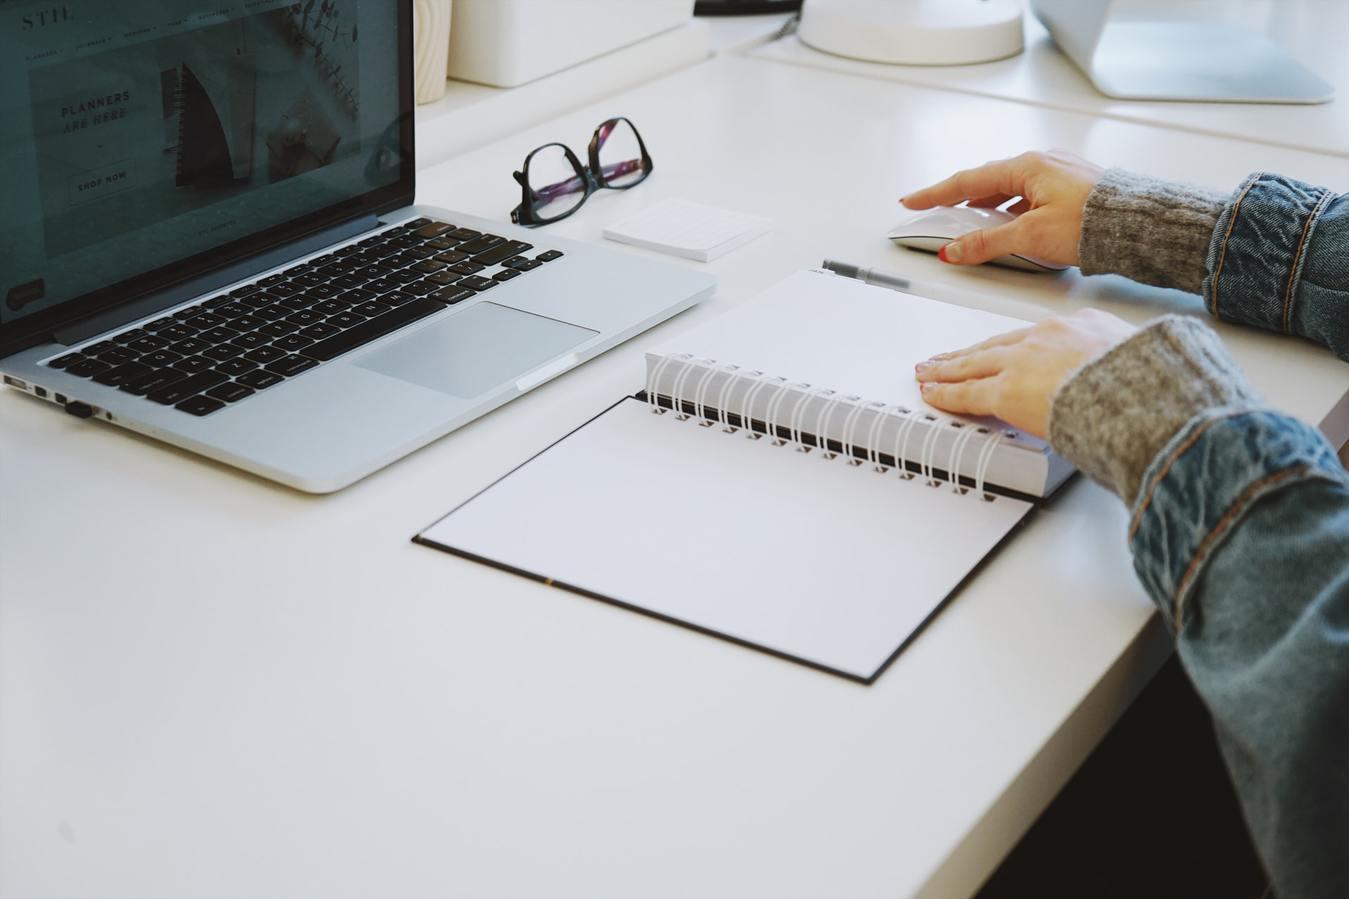 ý tưởng kinh doanh online: bán khóa học